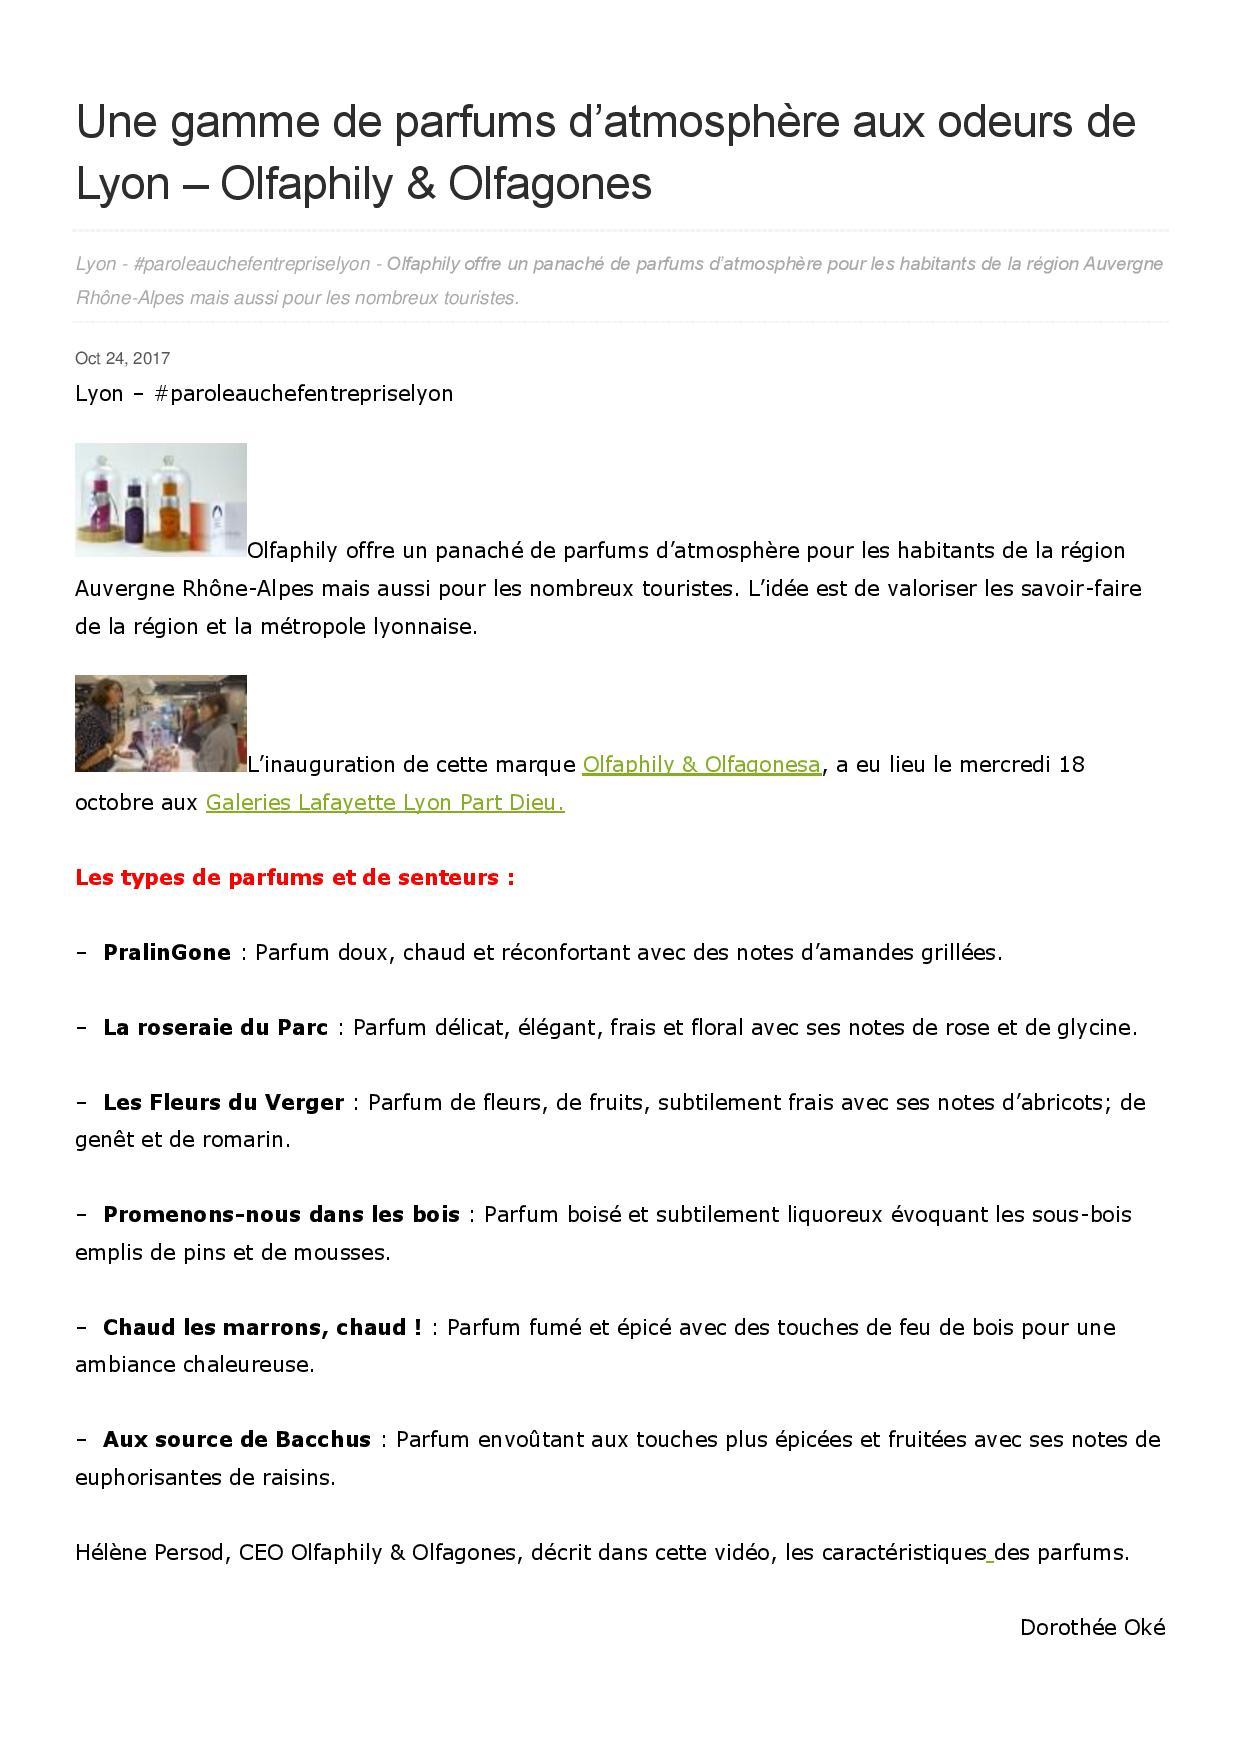 OlfaPhily parfums d'atmosphère odeurs de Lyon